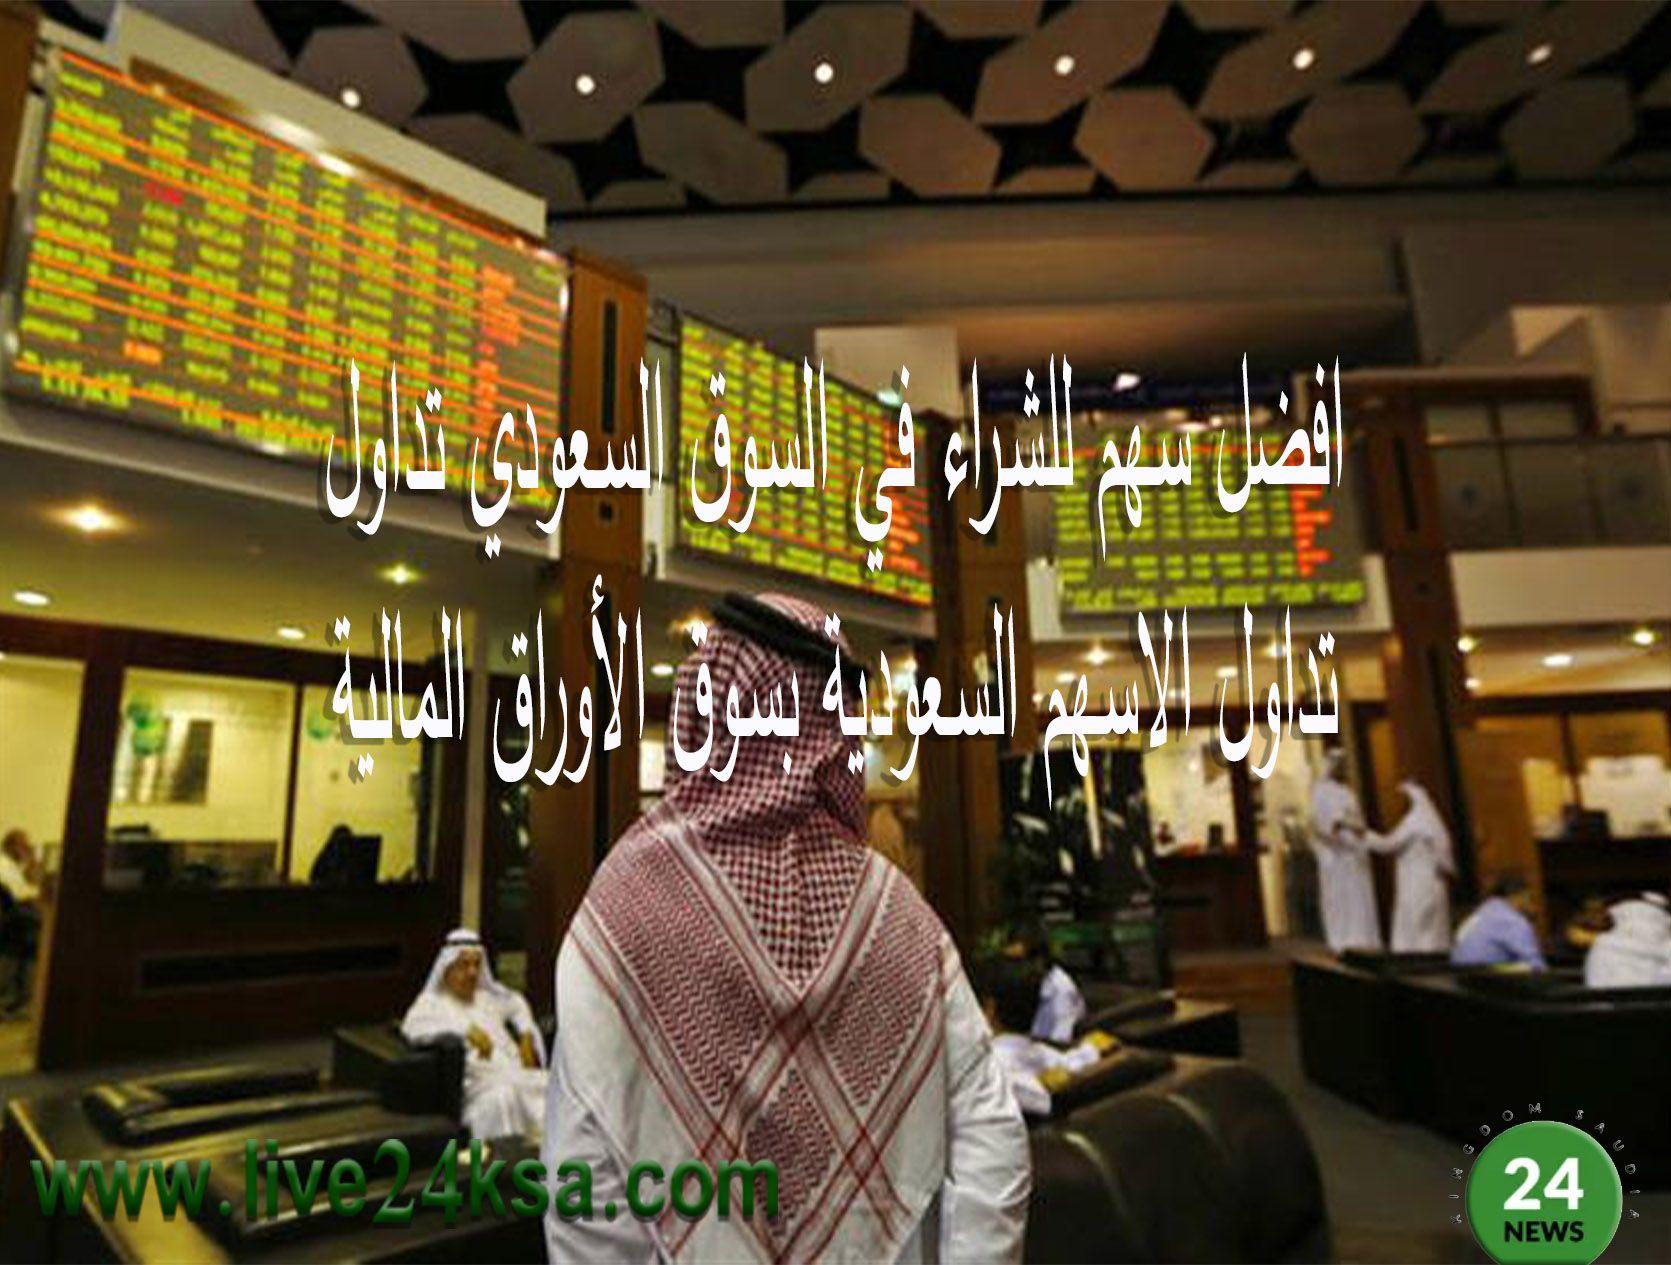 افضل سهم للشراء في السوق السعودي تداول تداول الاسهم السعودية بسوق الأوراق المالية Broadway Shows Neon Signs Broadway Show Signs